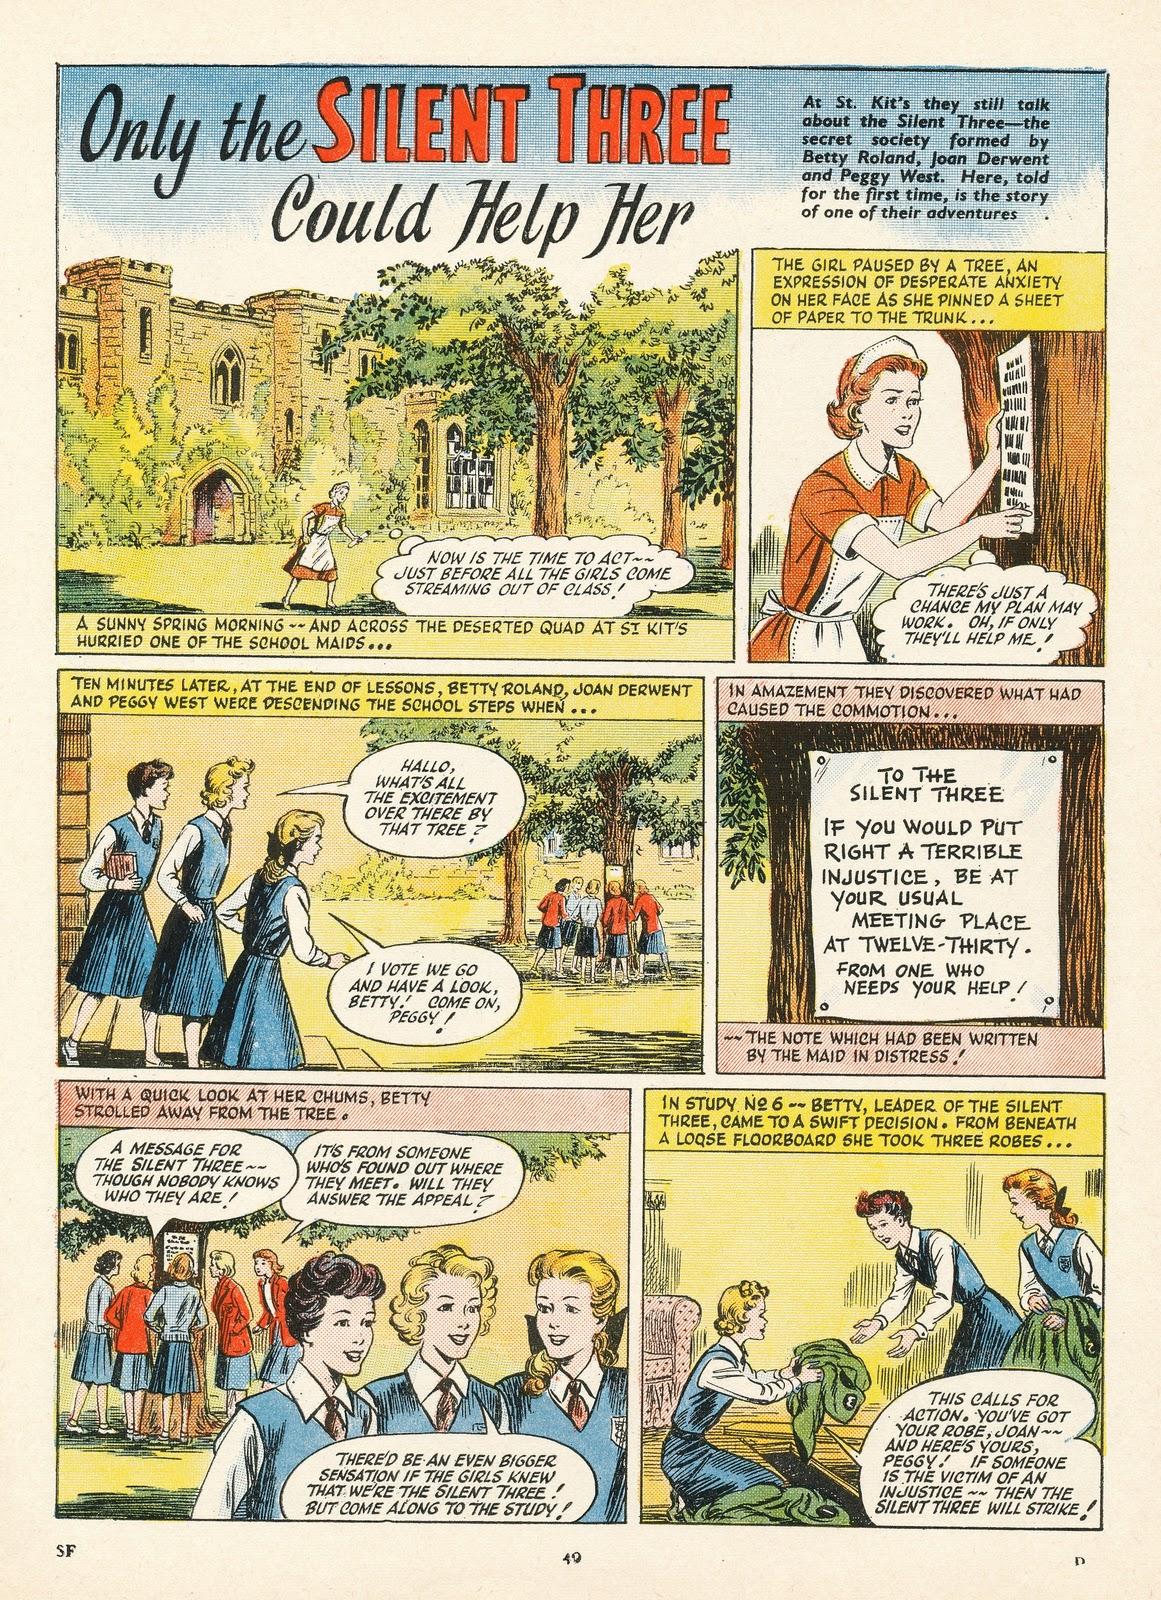 Une bande dessinée d'Evelyn Flinders publiée dans School Friend en Grande-Bretagne.